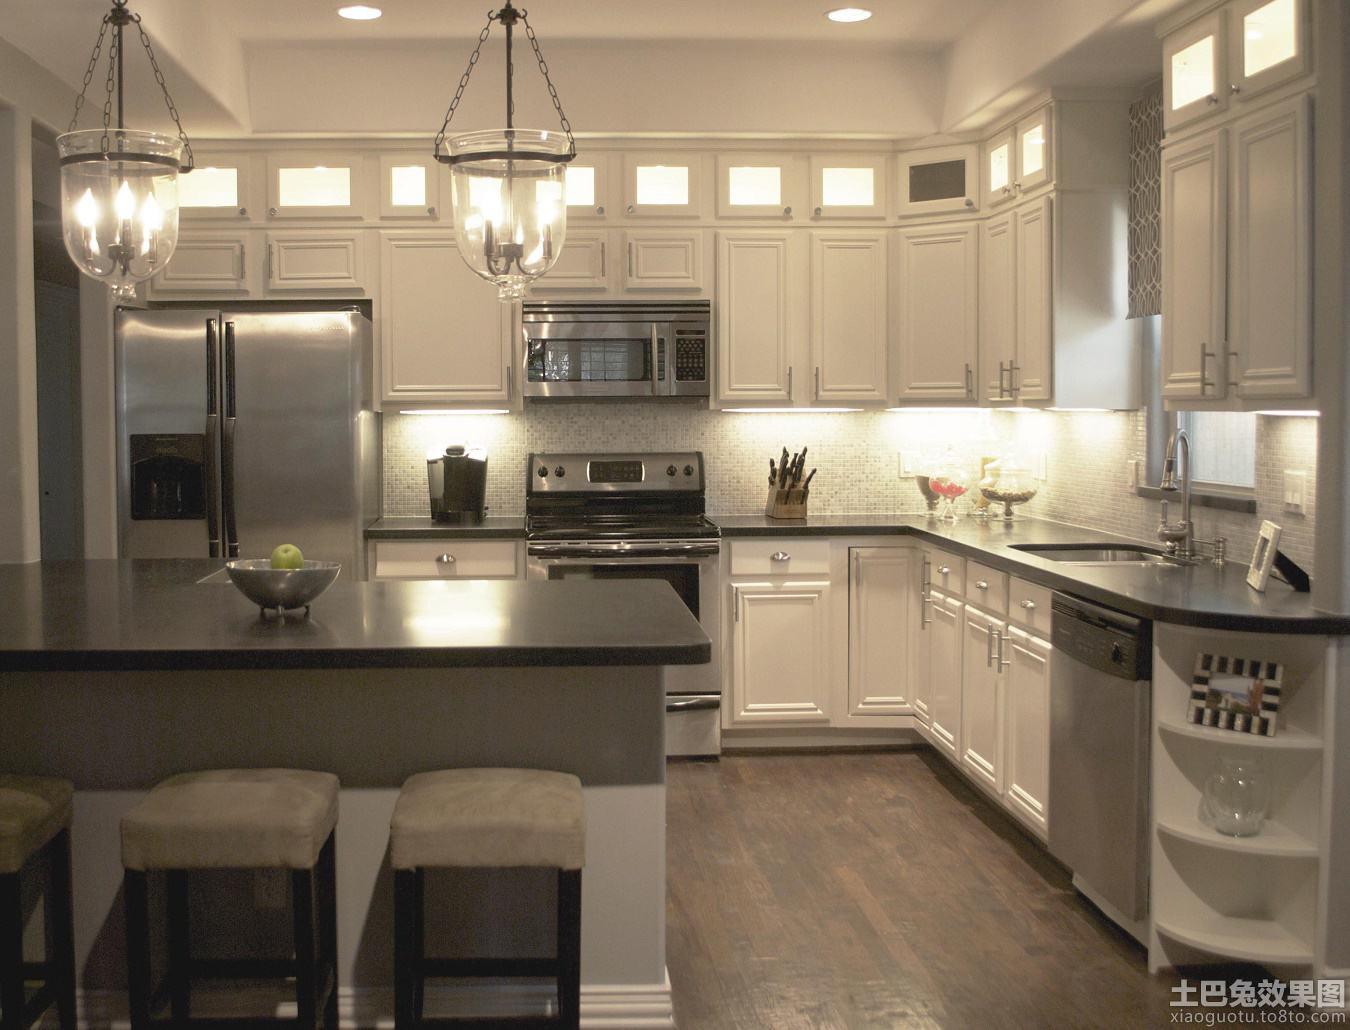 简欧整体厨房装修效果图图片